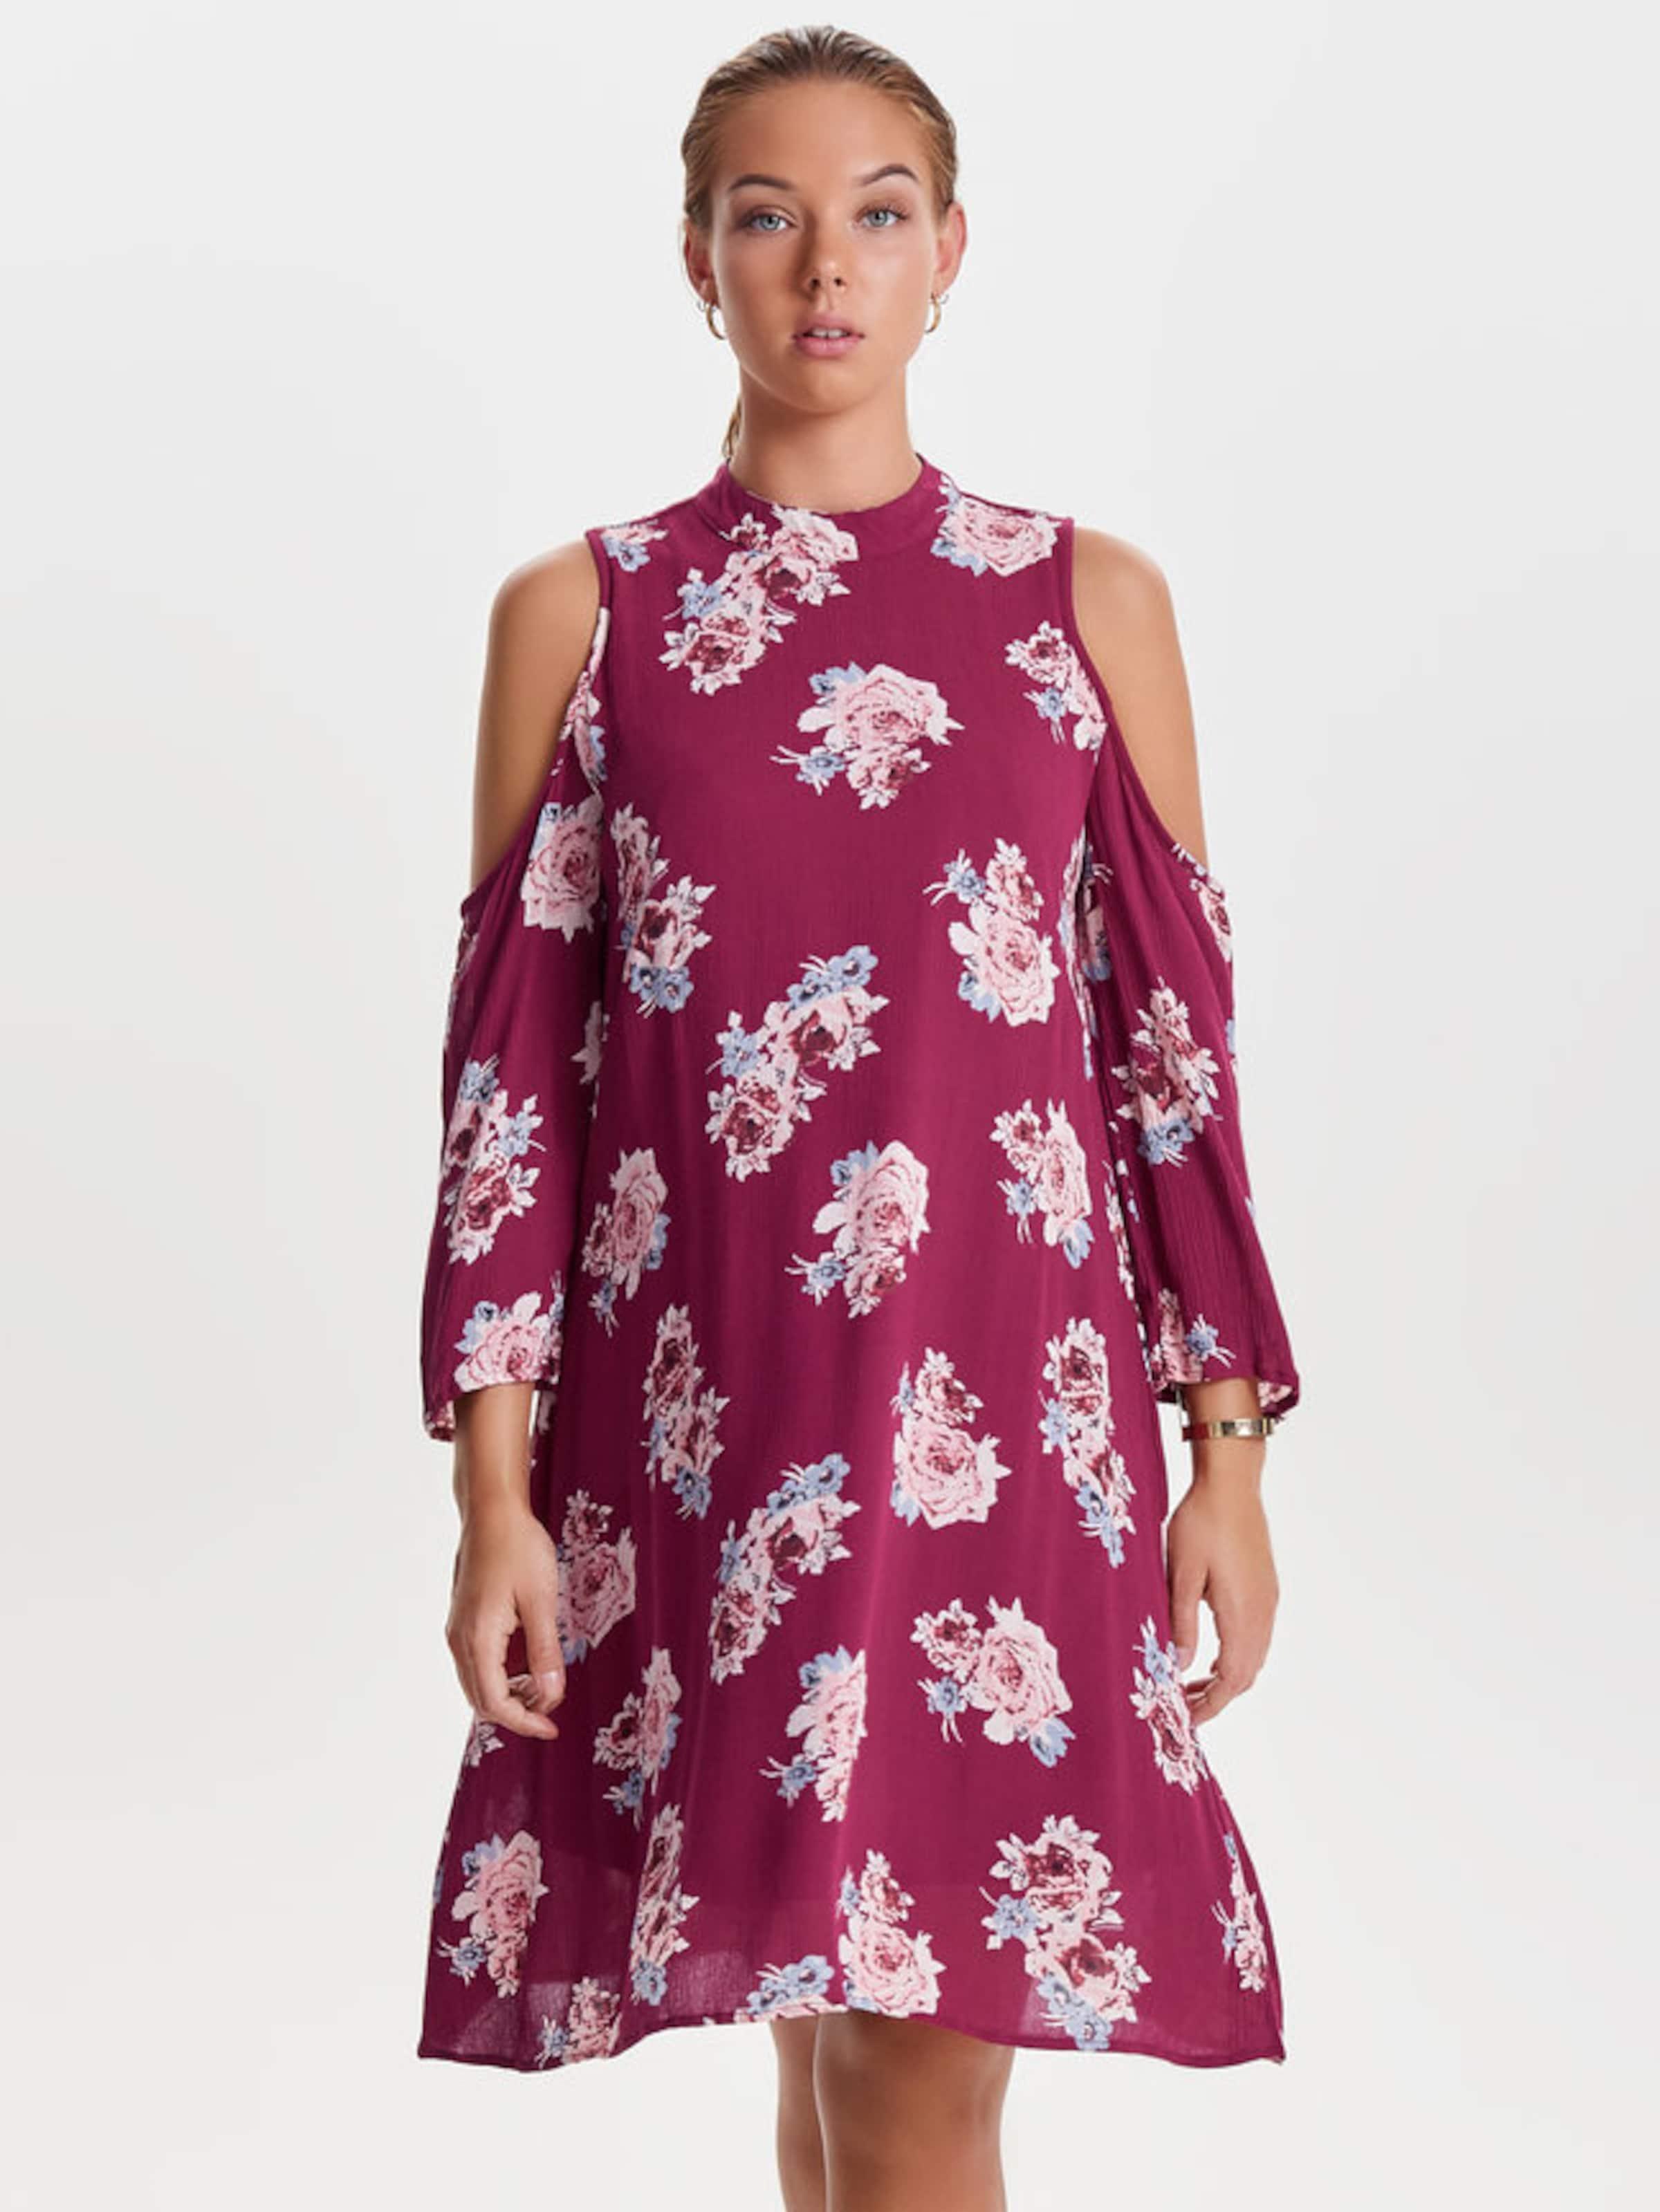 ONLY Cold-Shoulder-Kleid Verkauf Gut Verkaufen Billig Heißen Verkauf bsu4ozu